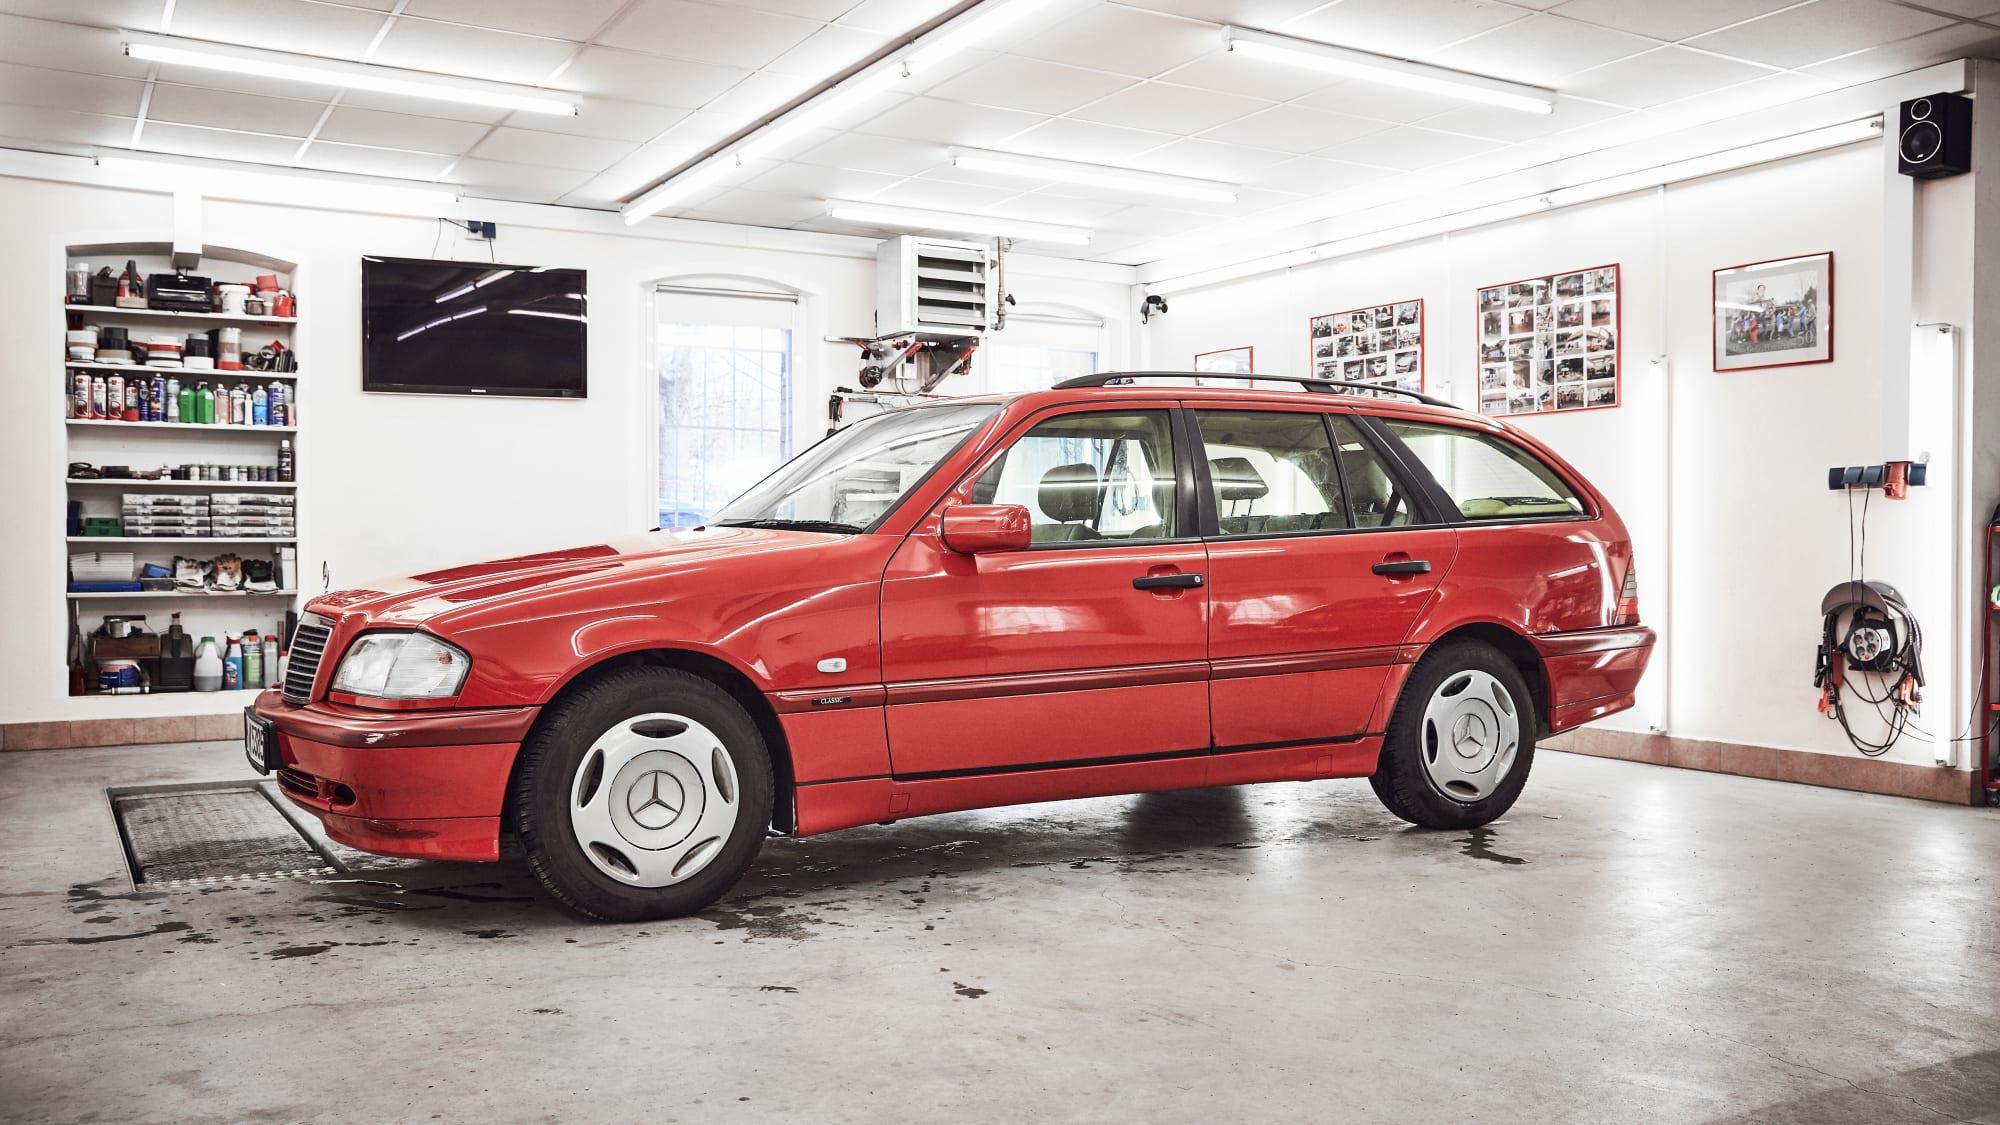 Das Auto glänzt nach der KFZ-Aufbereitung bei der Firma Blomberger, Schleißheimer Str. 395 in München.